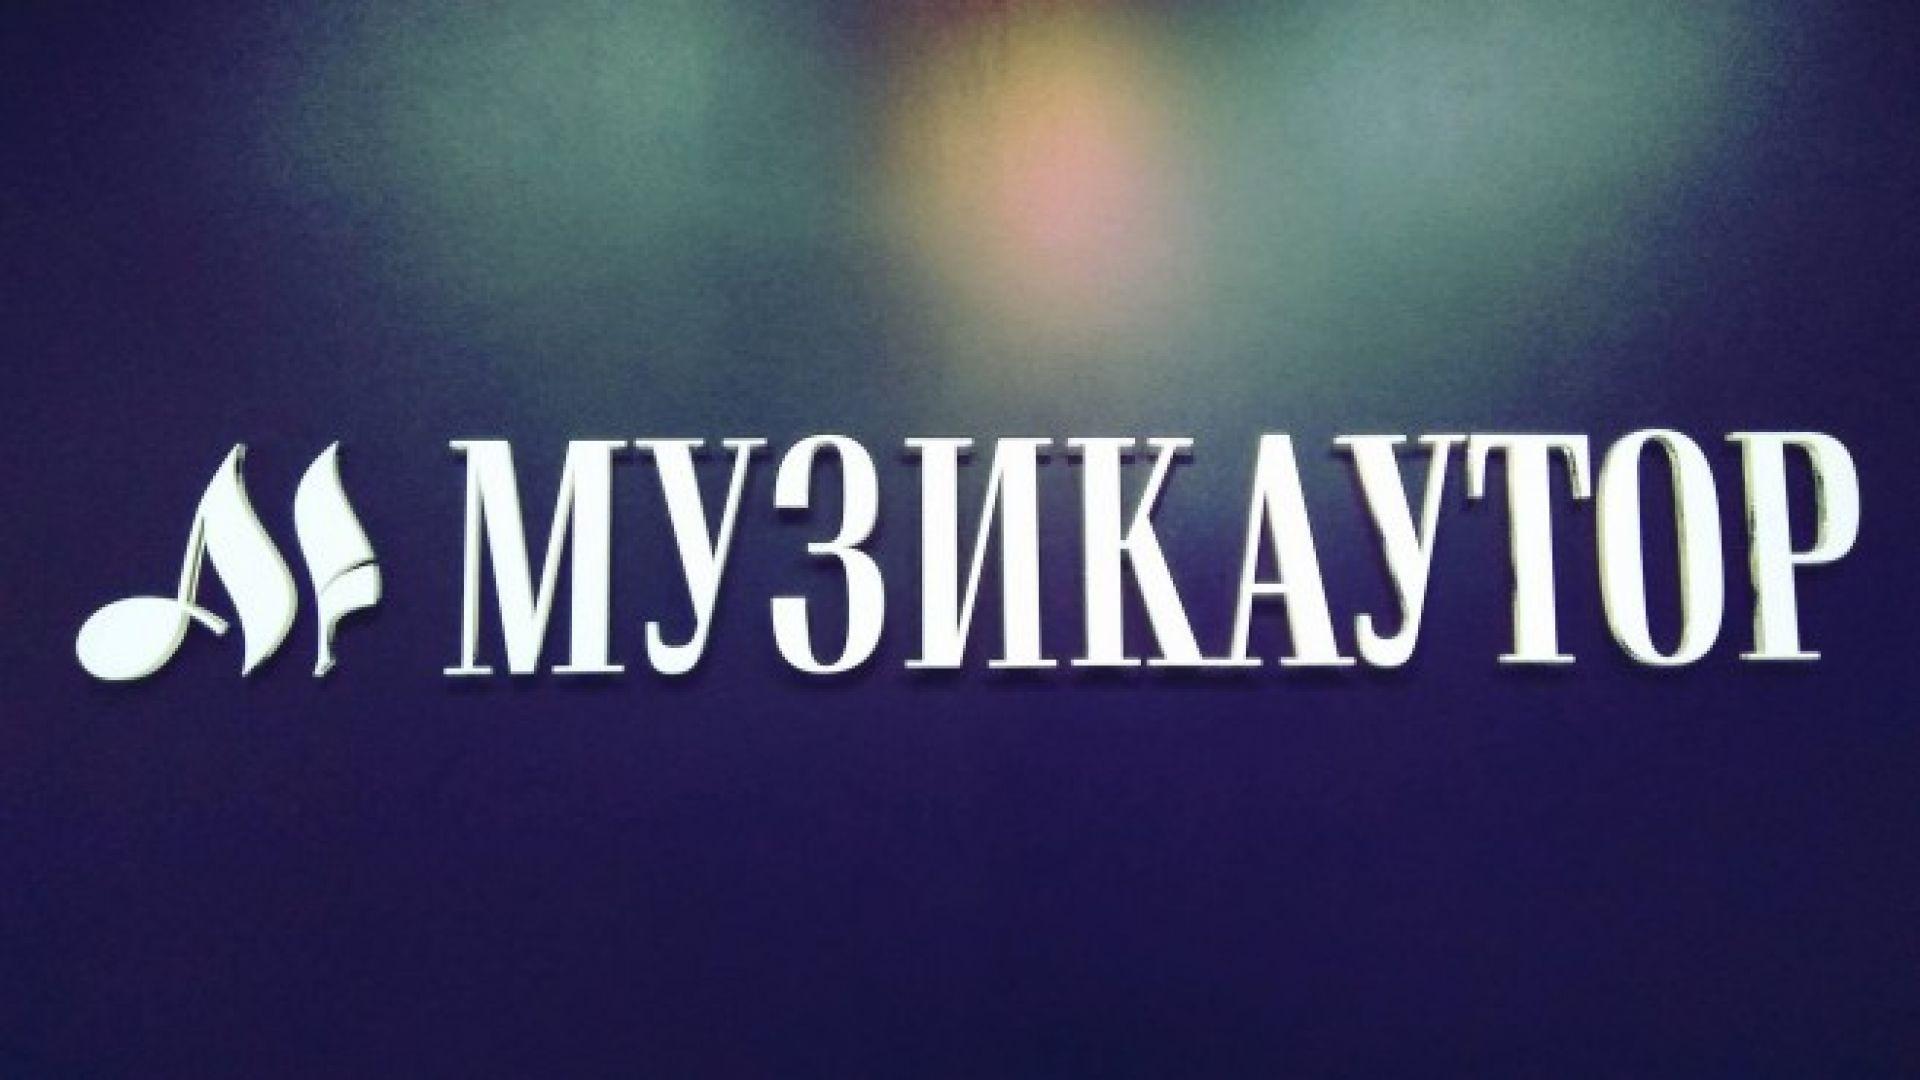 Музикаутор подаде жалба до Европейската комисия за несъответствие на българското